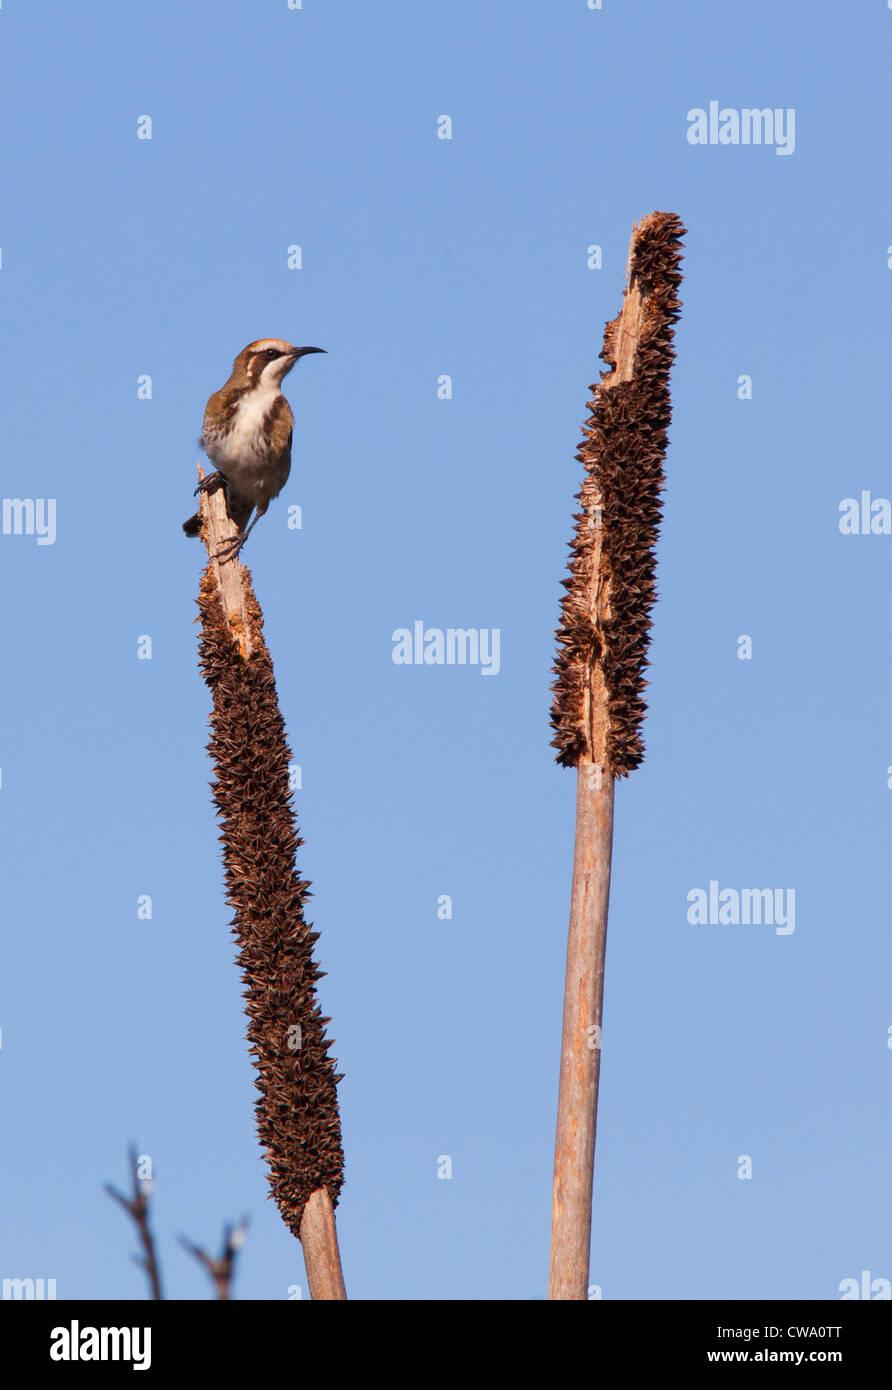 Tawny-crowned Honeyeater, Phylidonyris melanops, Australia - Stock Image